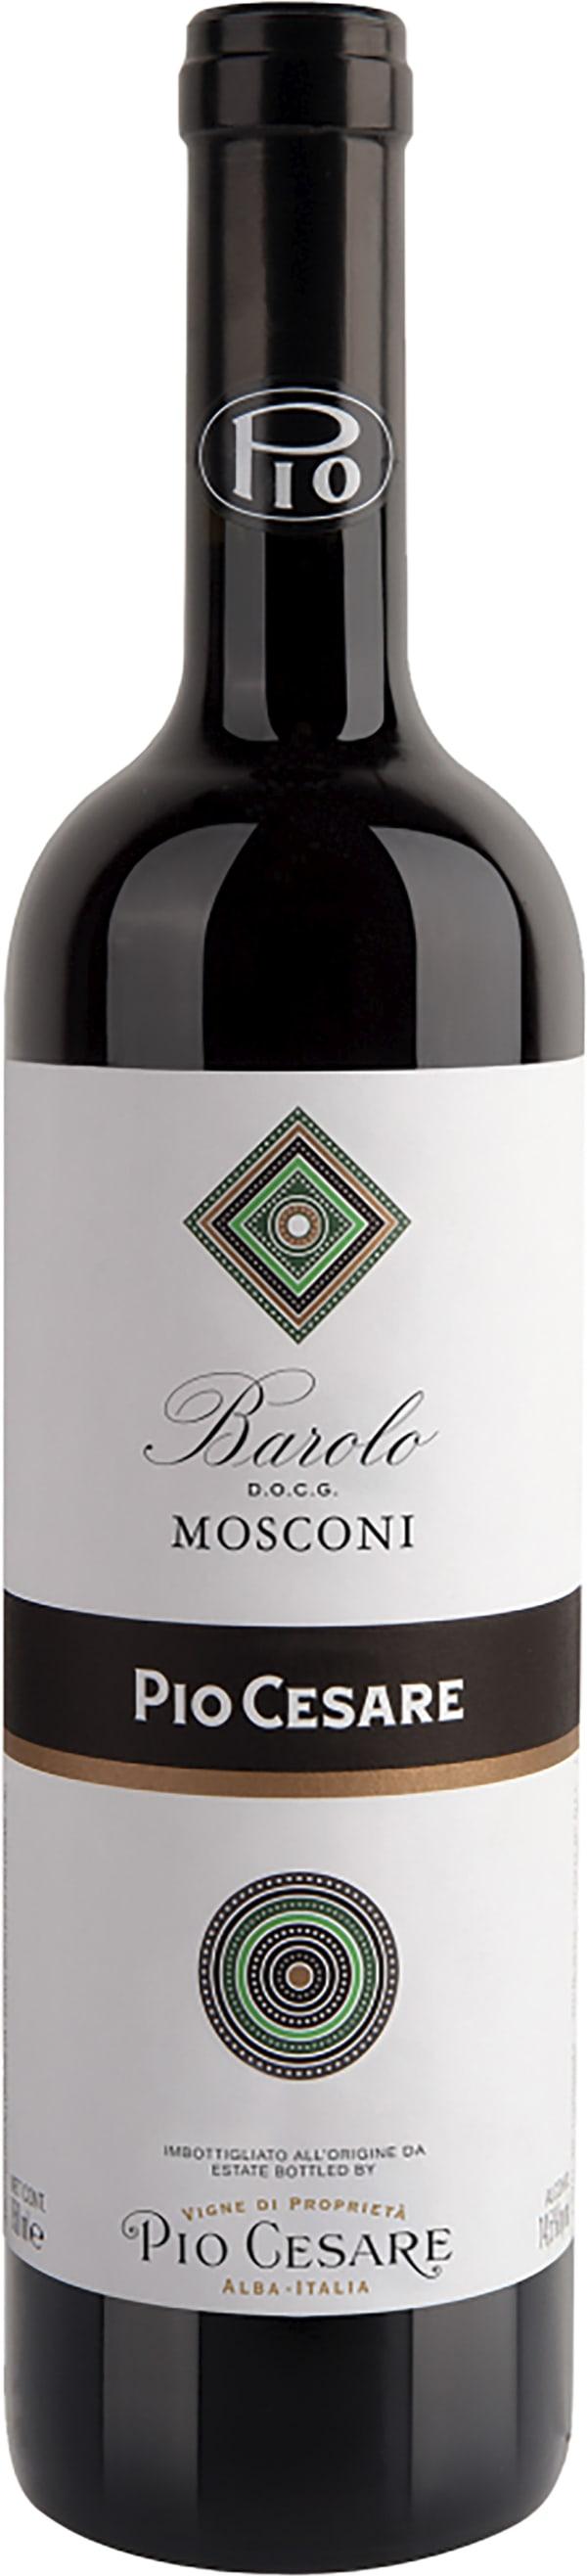 Pio Cesare Barolo Mosconi 2016